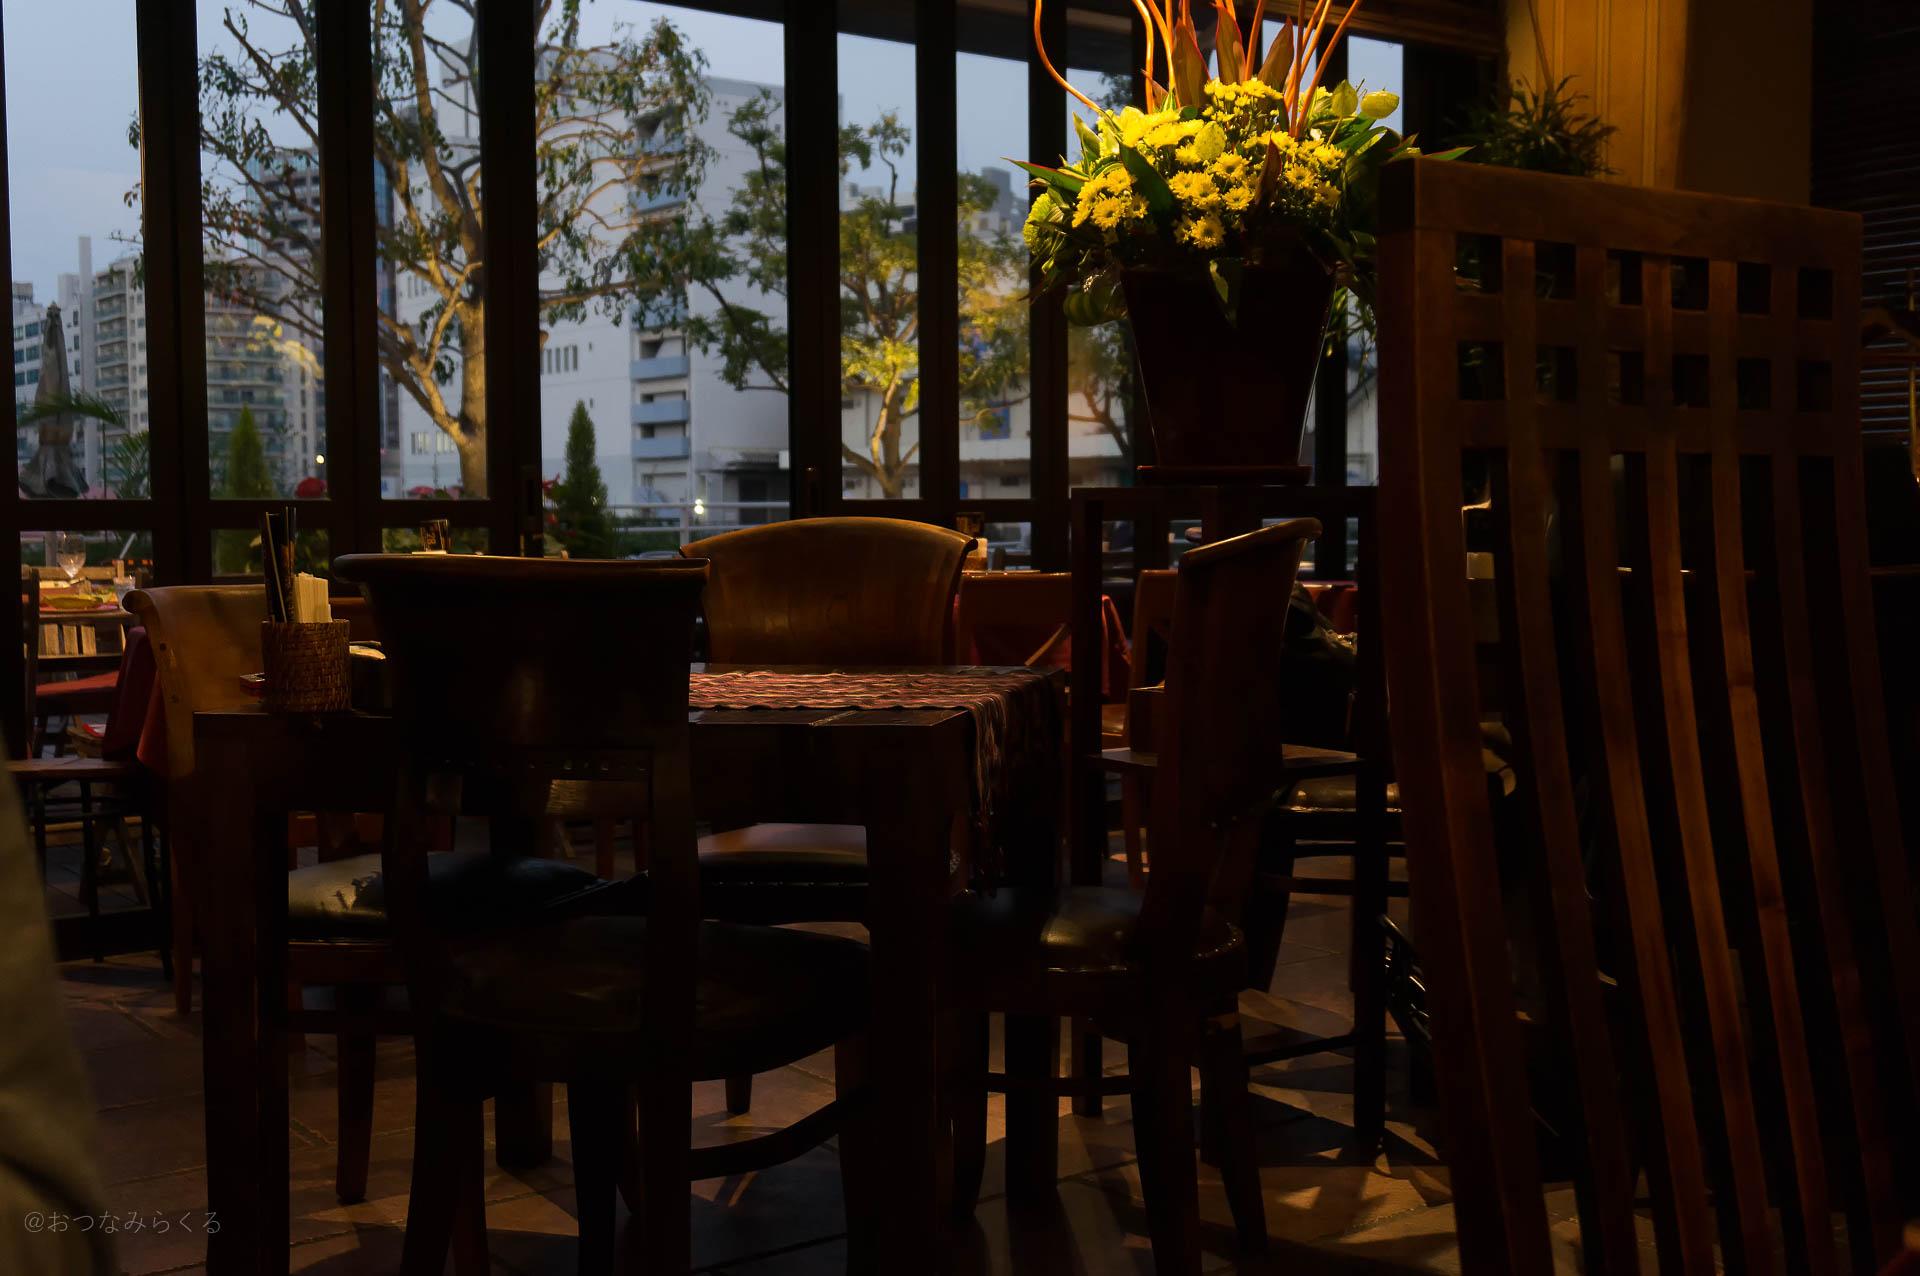 奥様の街でカフェ